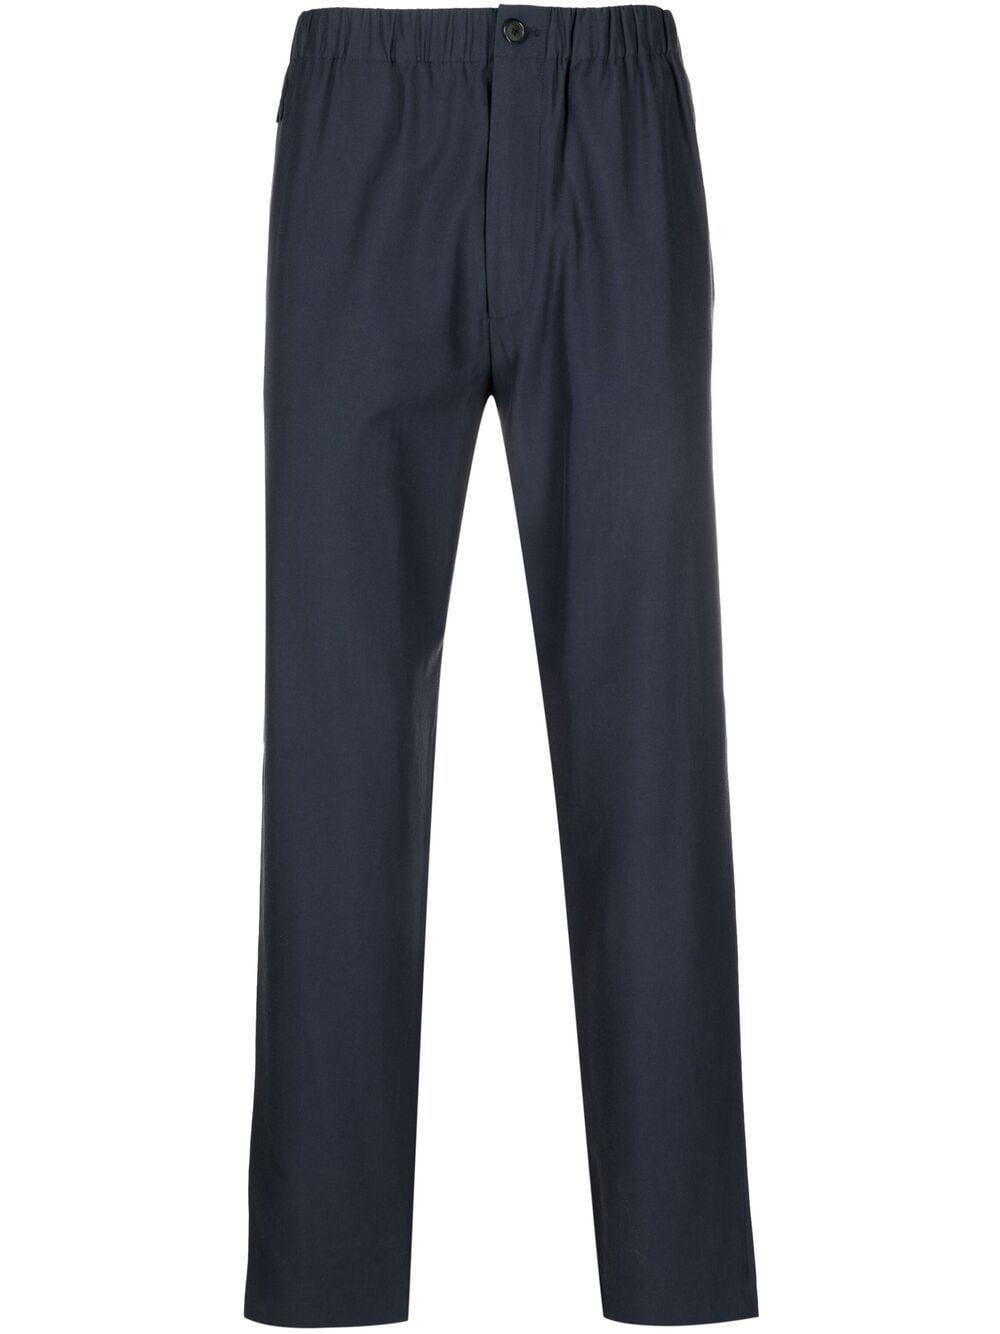 Kenzo pantaloni a gamba dritta uomo KENZO | Pantaloni | FB55PA5005AI76